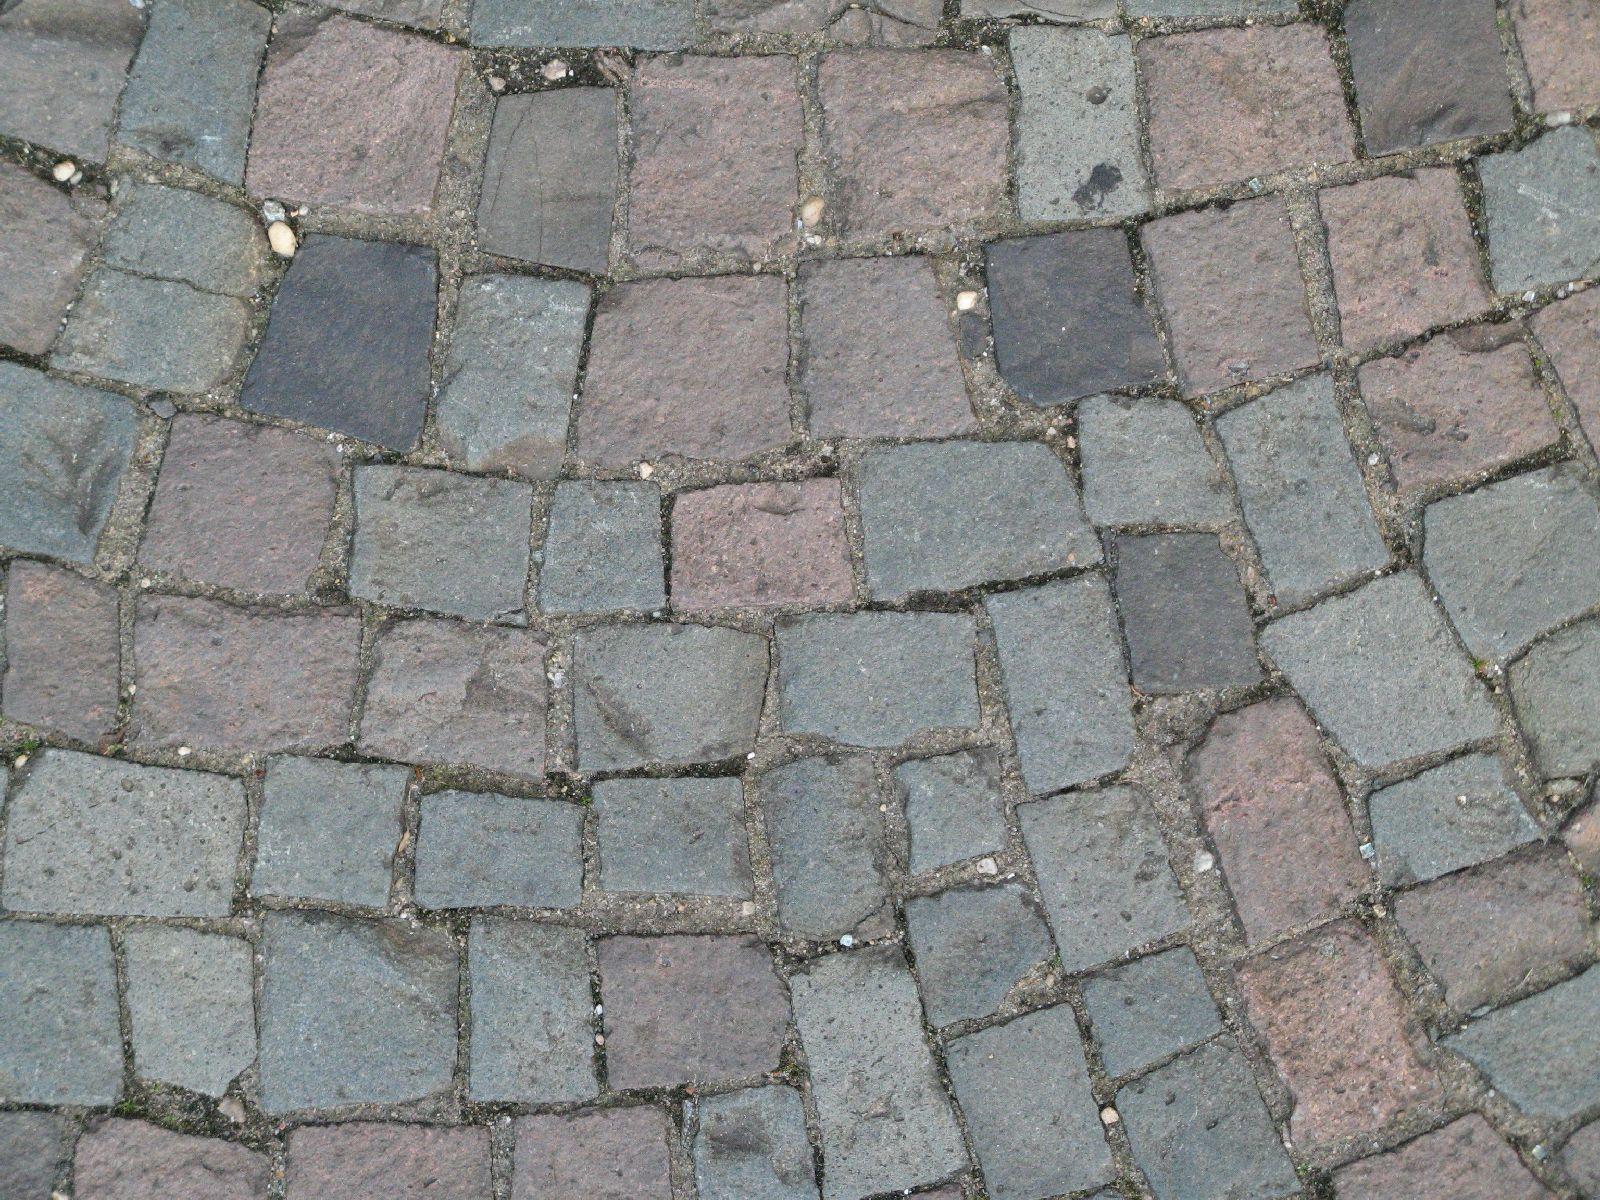 Ground-Urban_Texture_B_00669